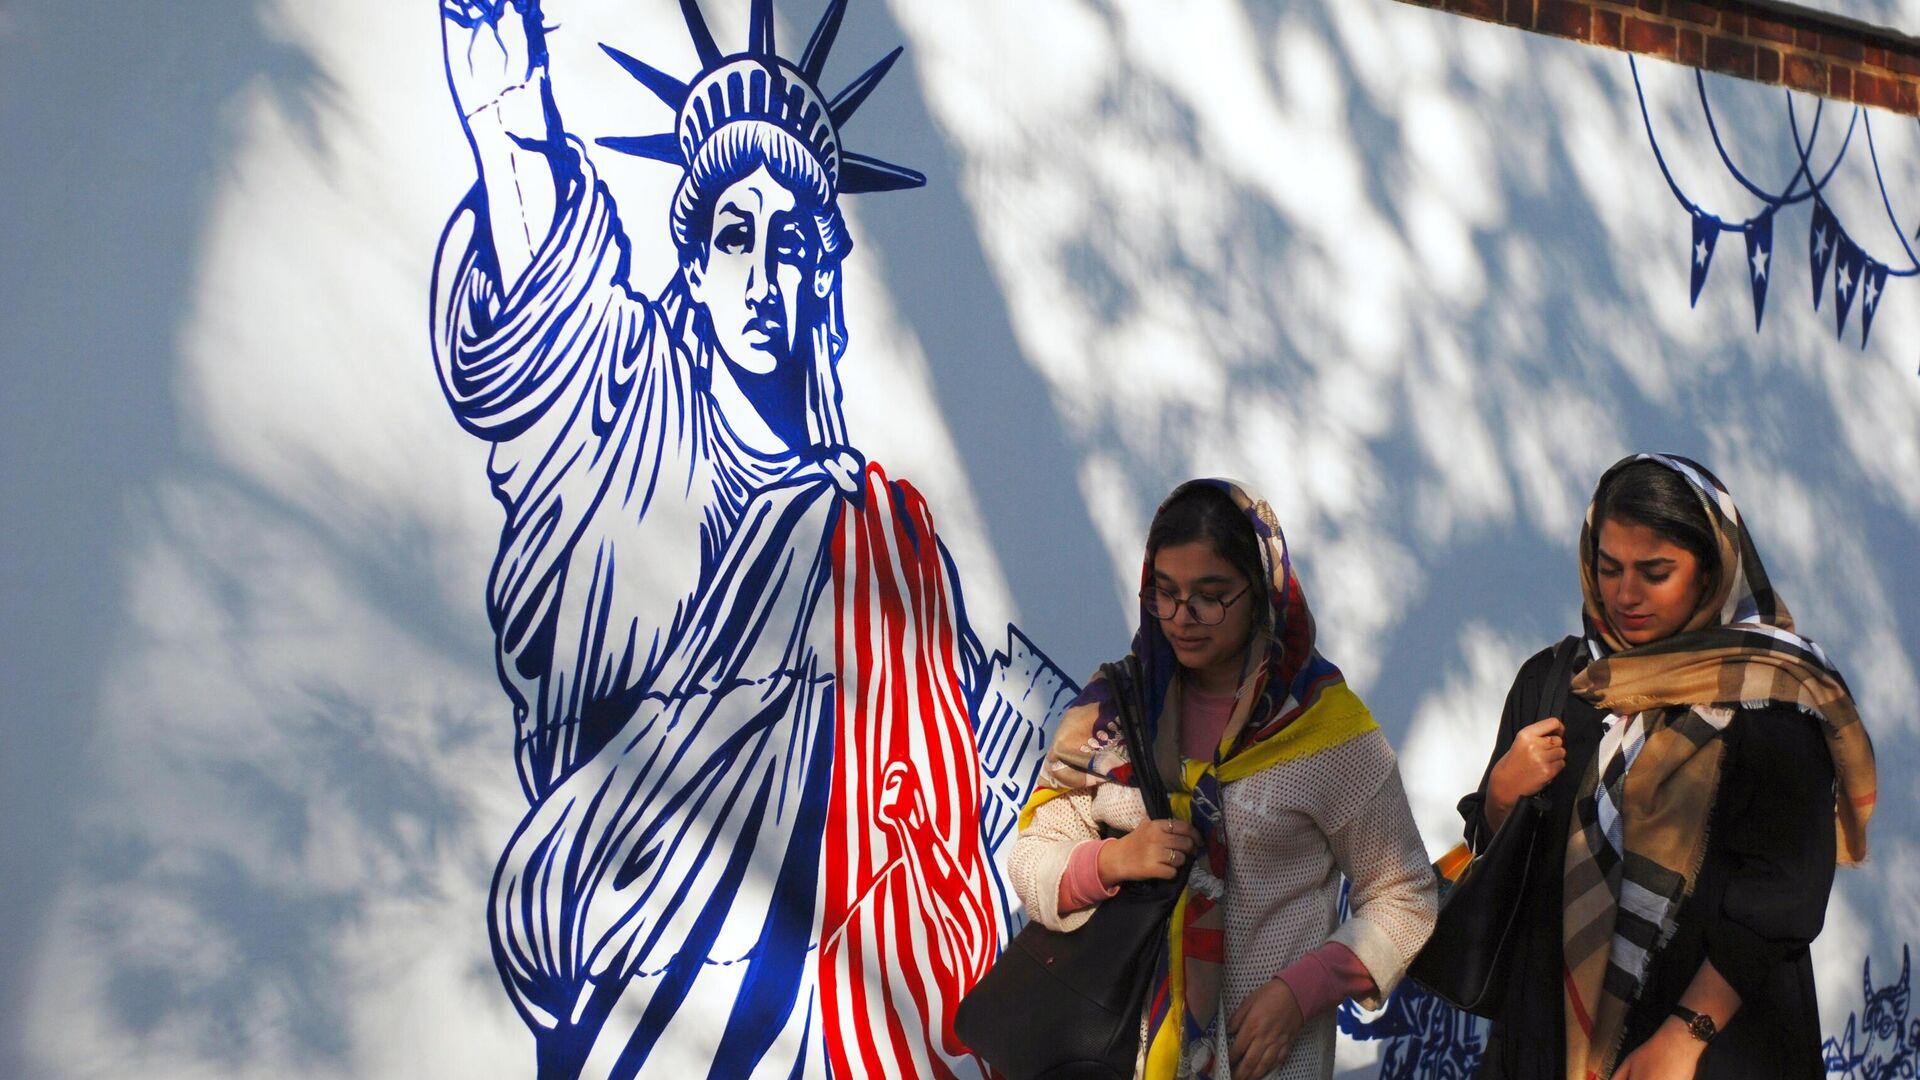 Граффити перед бывшим посольством США в Тегеране - РИА Новости, 1920, 21.08.2020